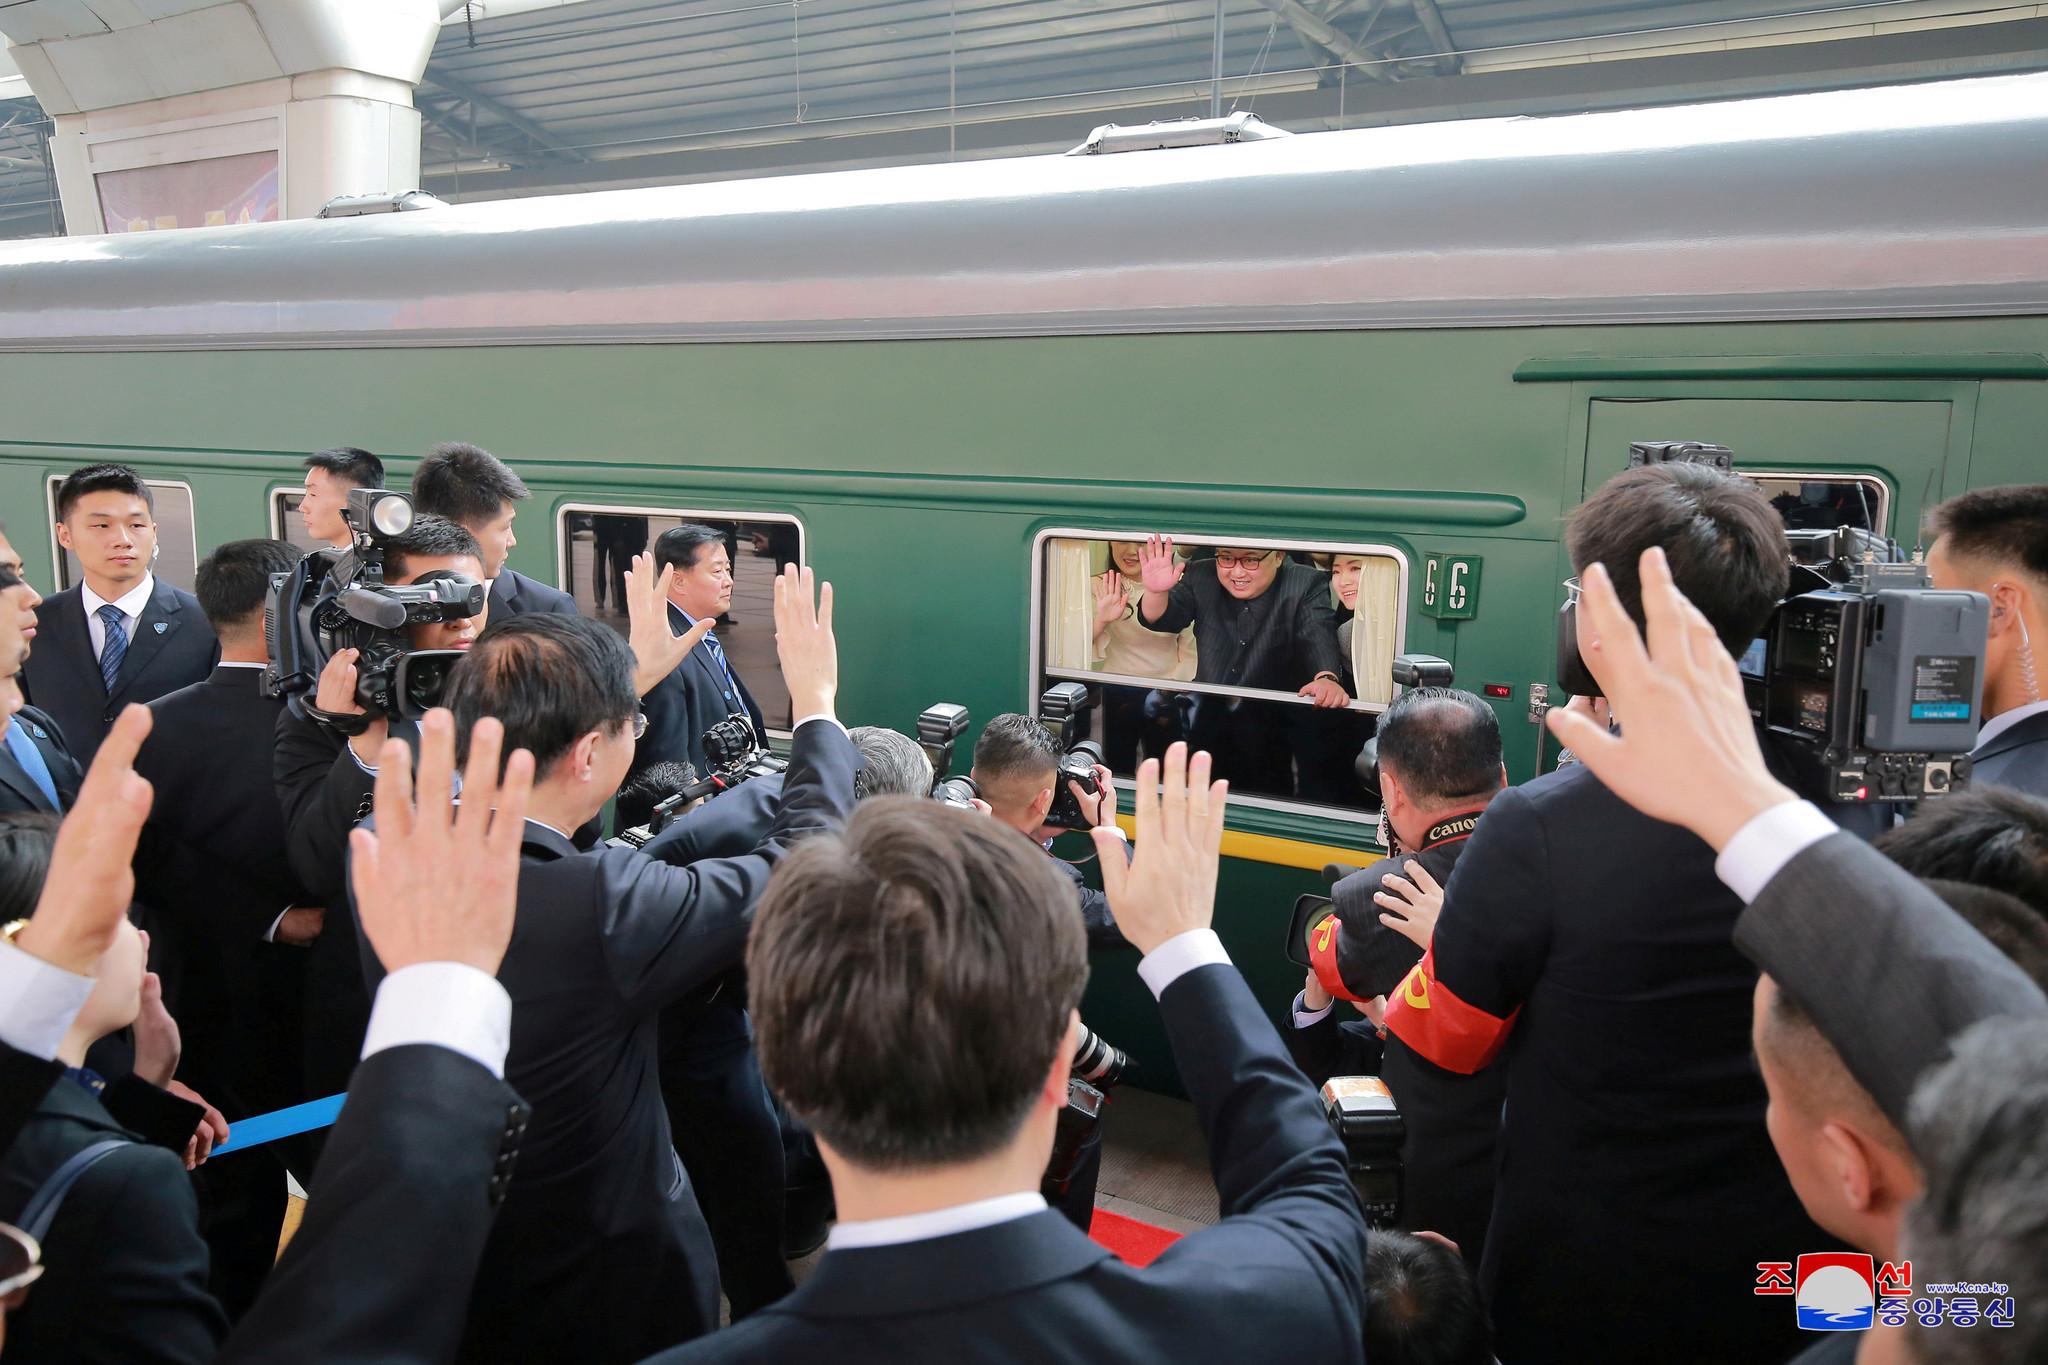 kim comboio